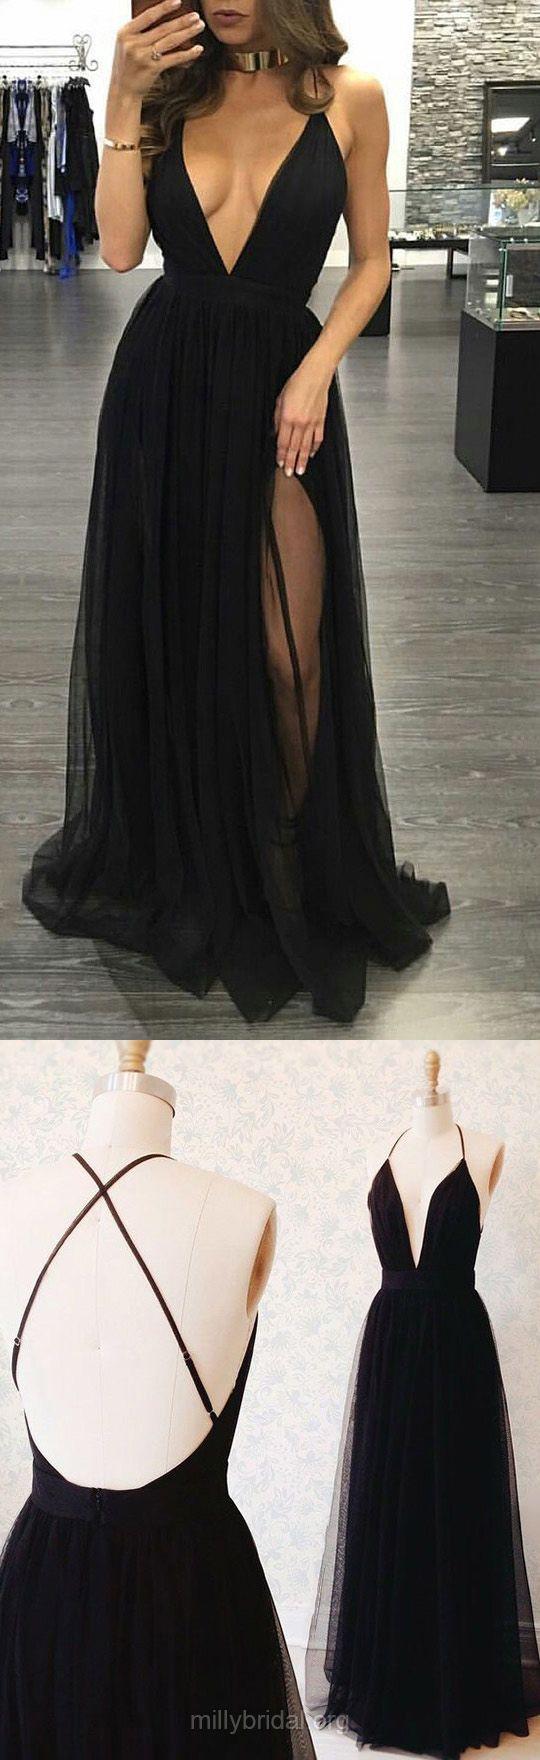 Hot backless black prom dressesaline vneck formal evening gowns